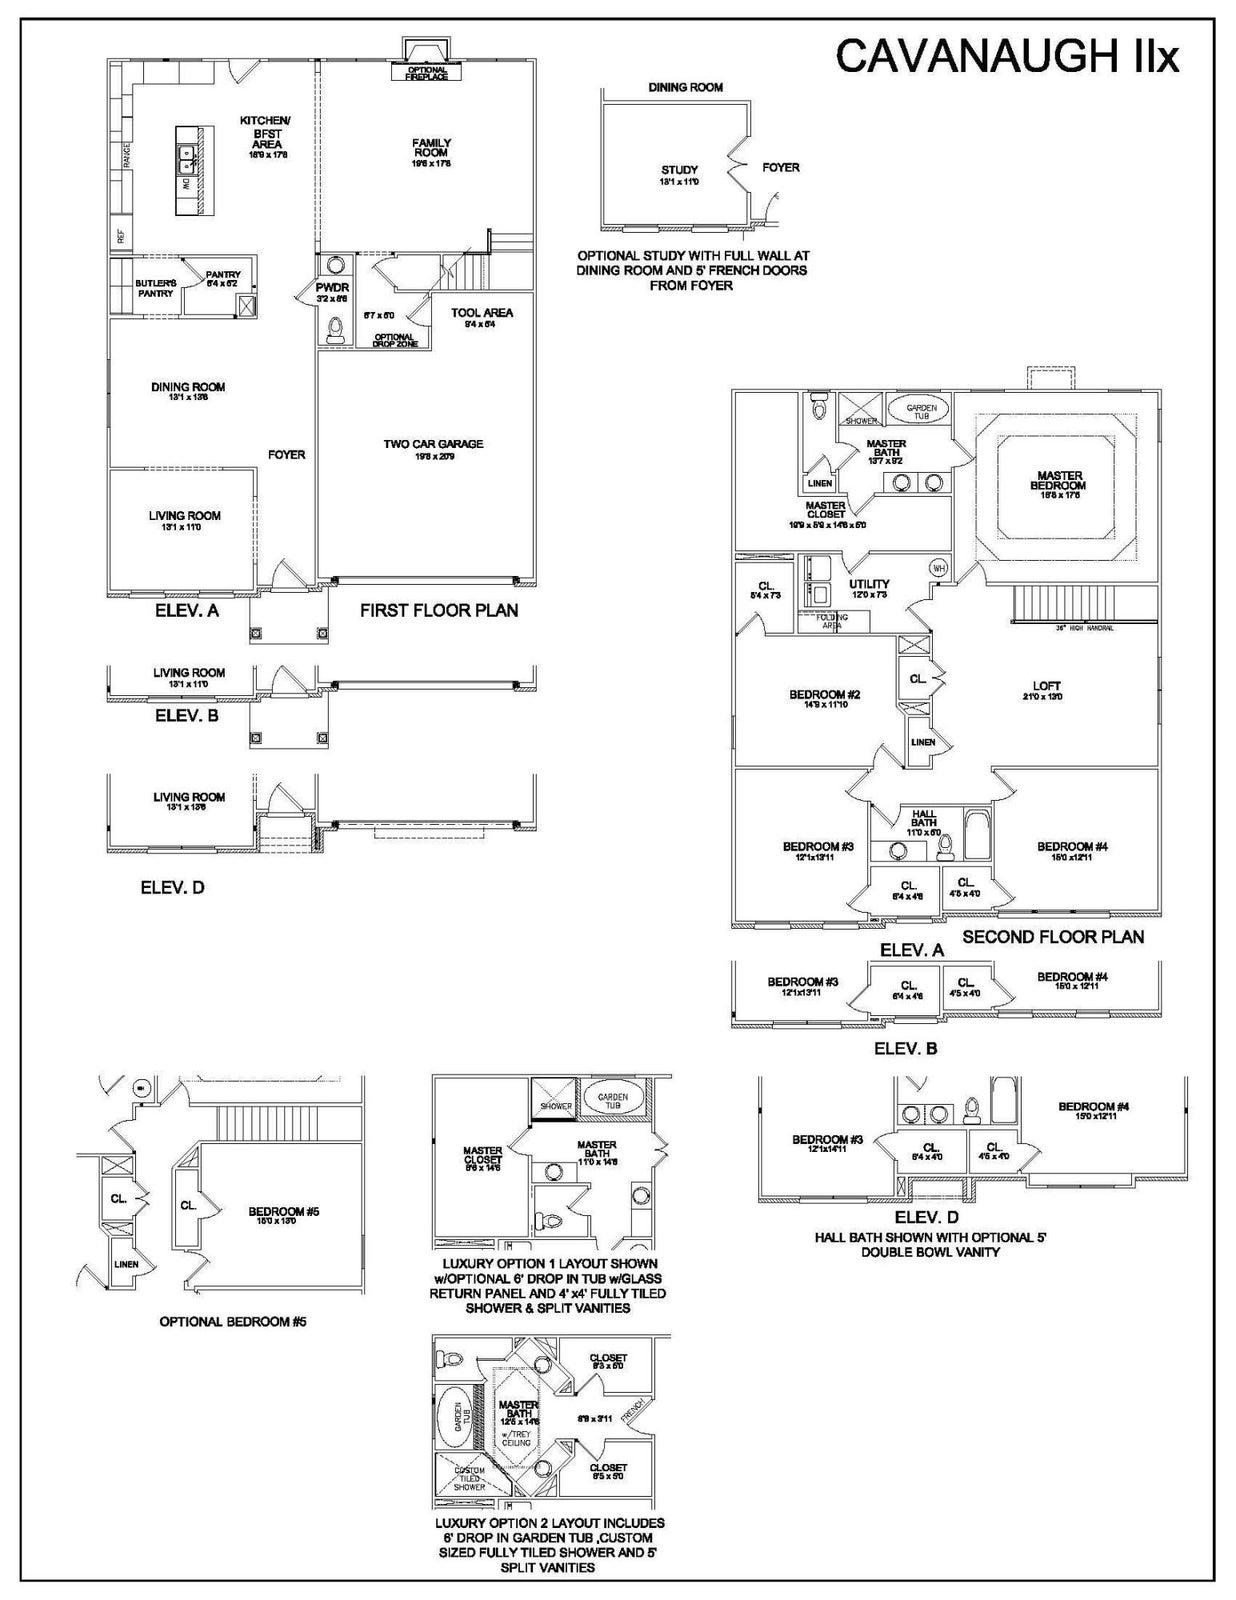 Cavanaugh IIX Revised Floorplan 1.02.19